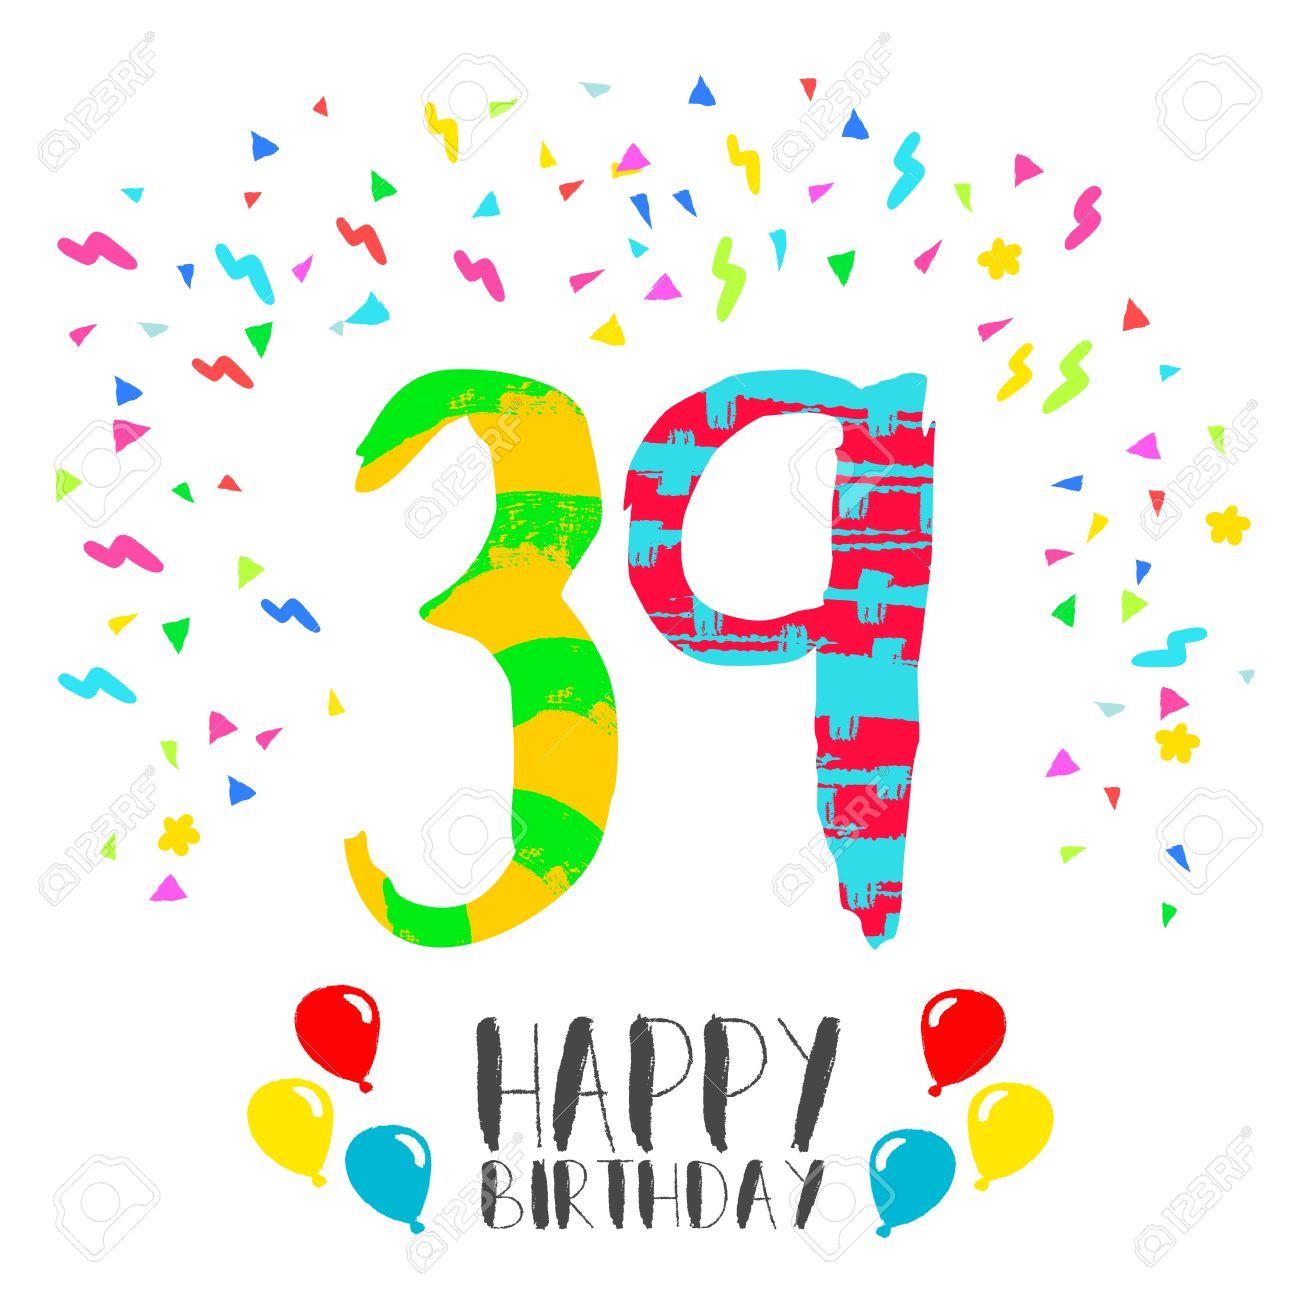 Joyeux Anniversaire Numéro 39 Carte De Voeux Pour Trente Neuf Ans Dans Un Style Dart Amusant Avec Des Confettis De Fête Invitation